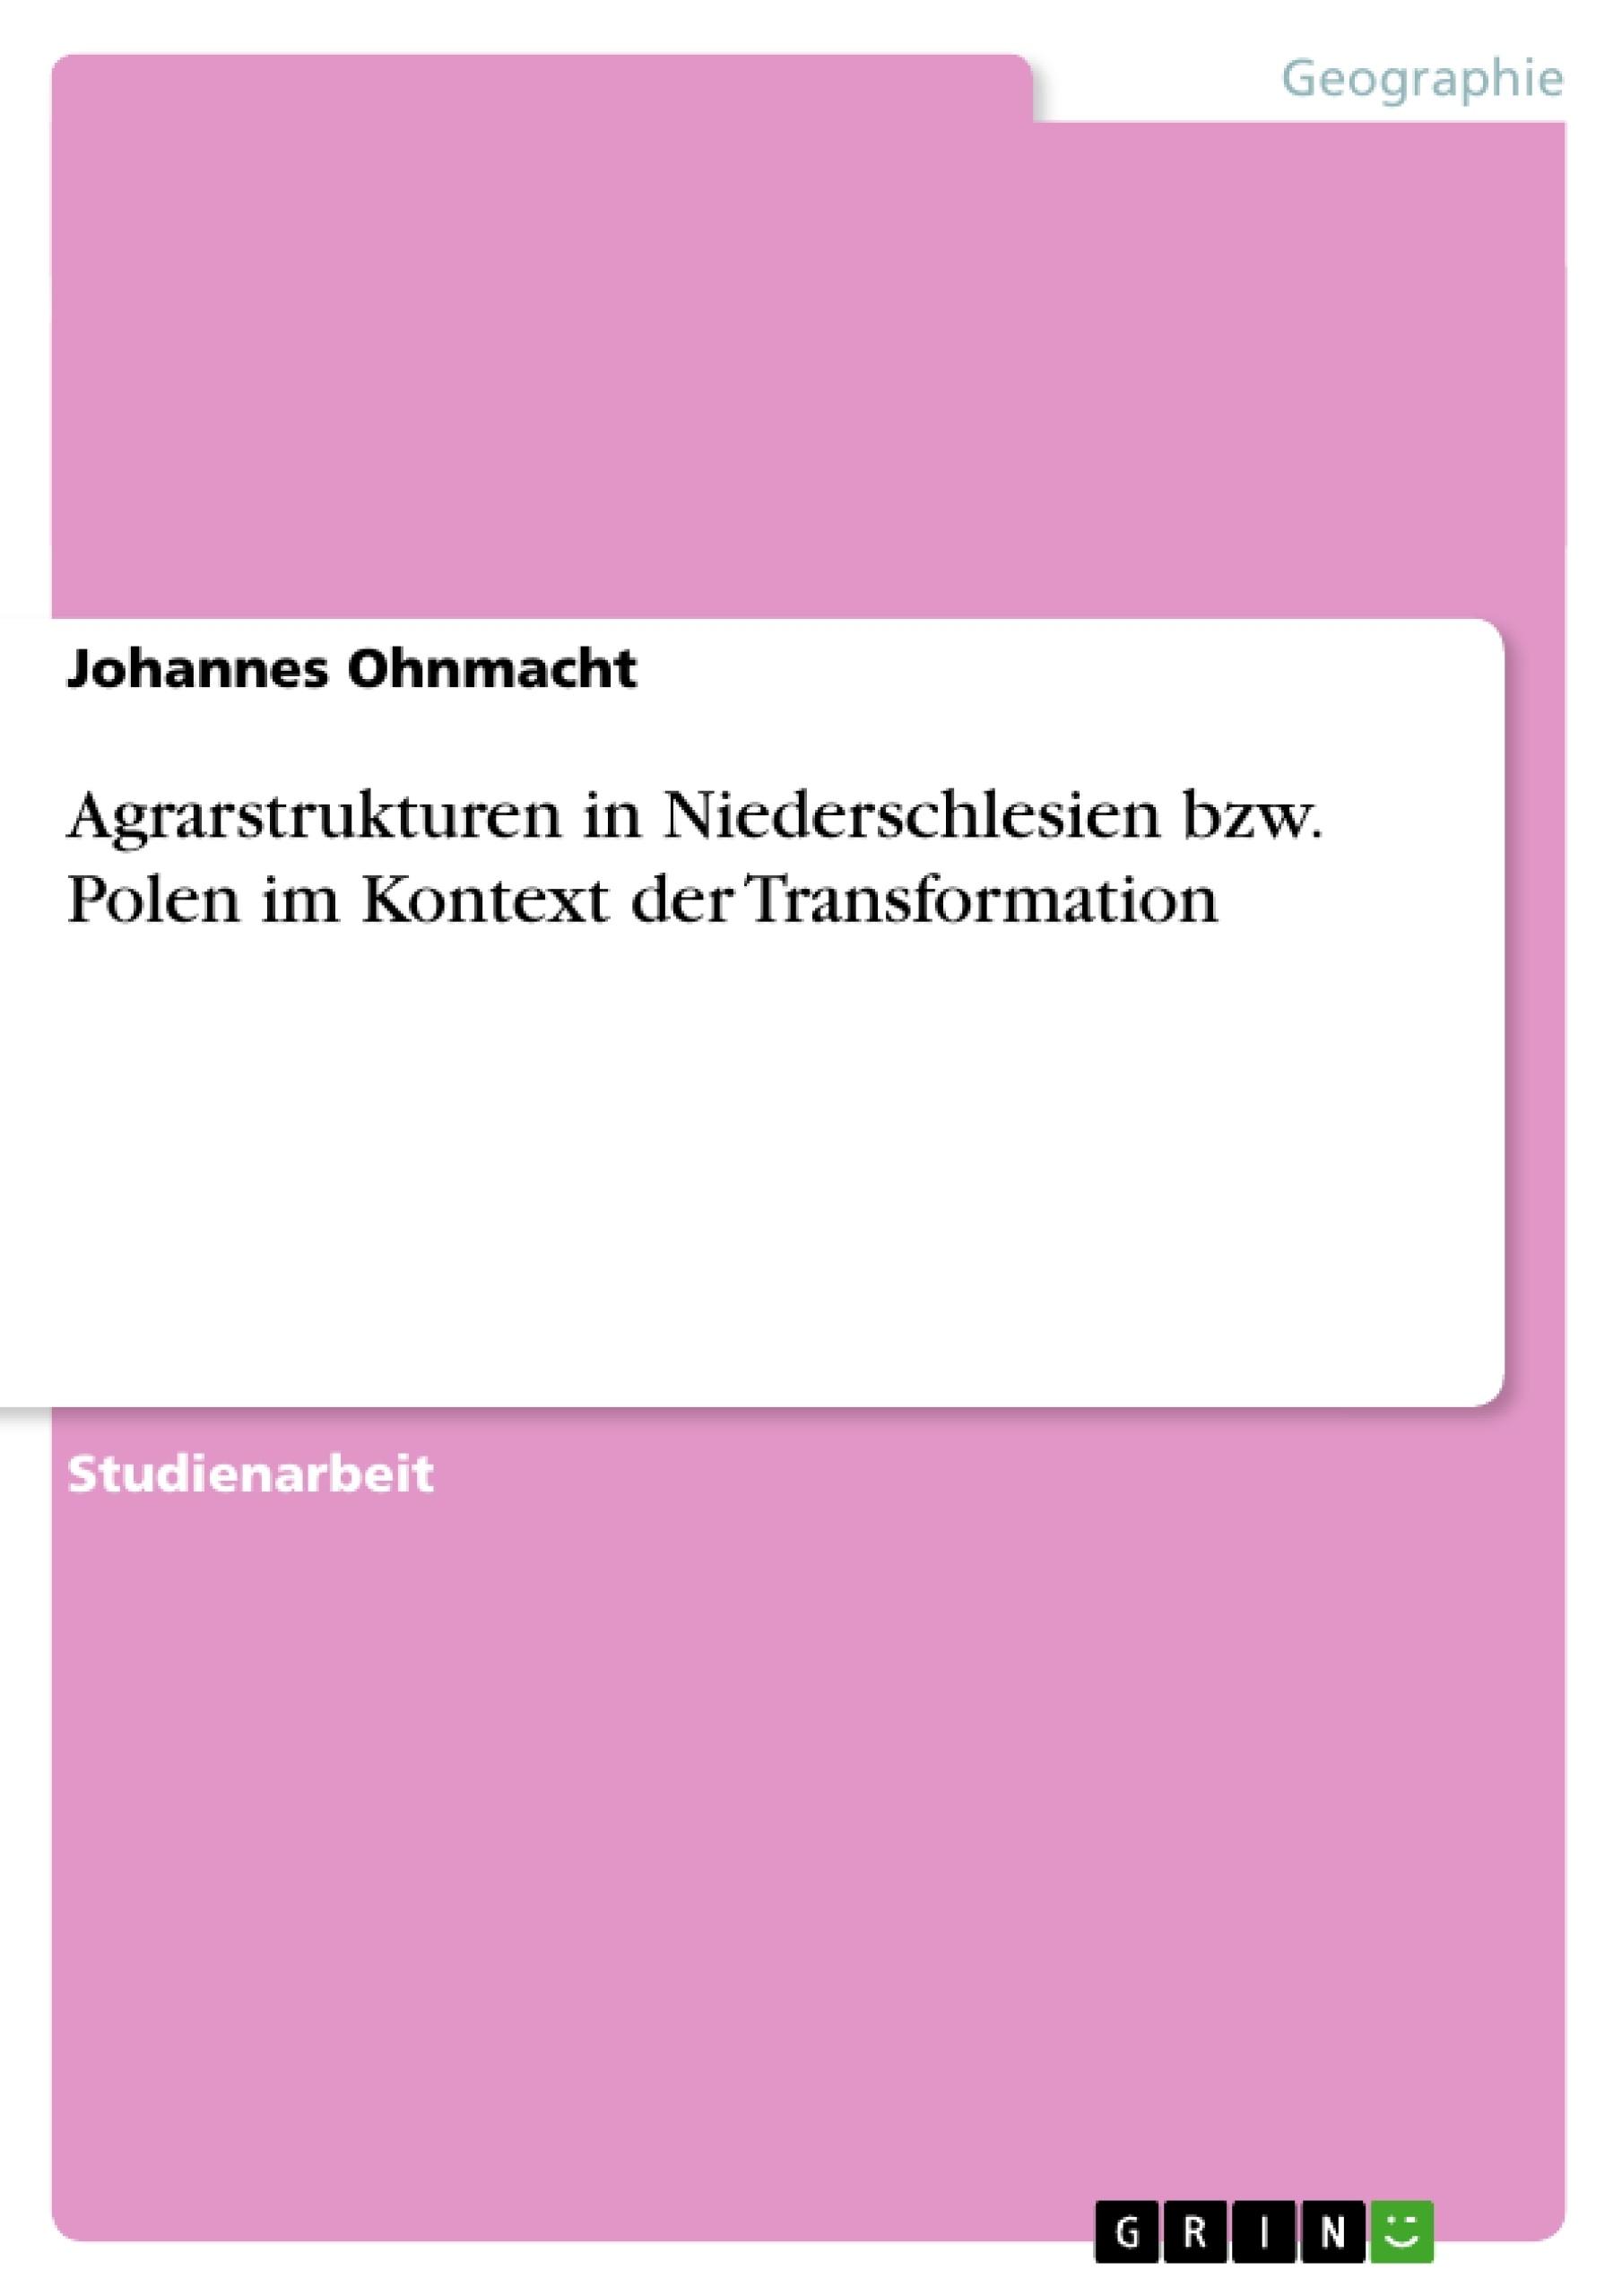 Titel: Agrarstrukturen in Niederschlesien bzw. Polen im Kontext der Transformation